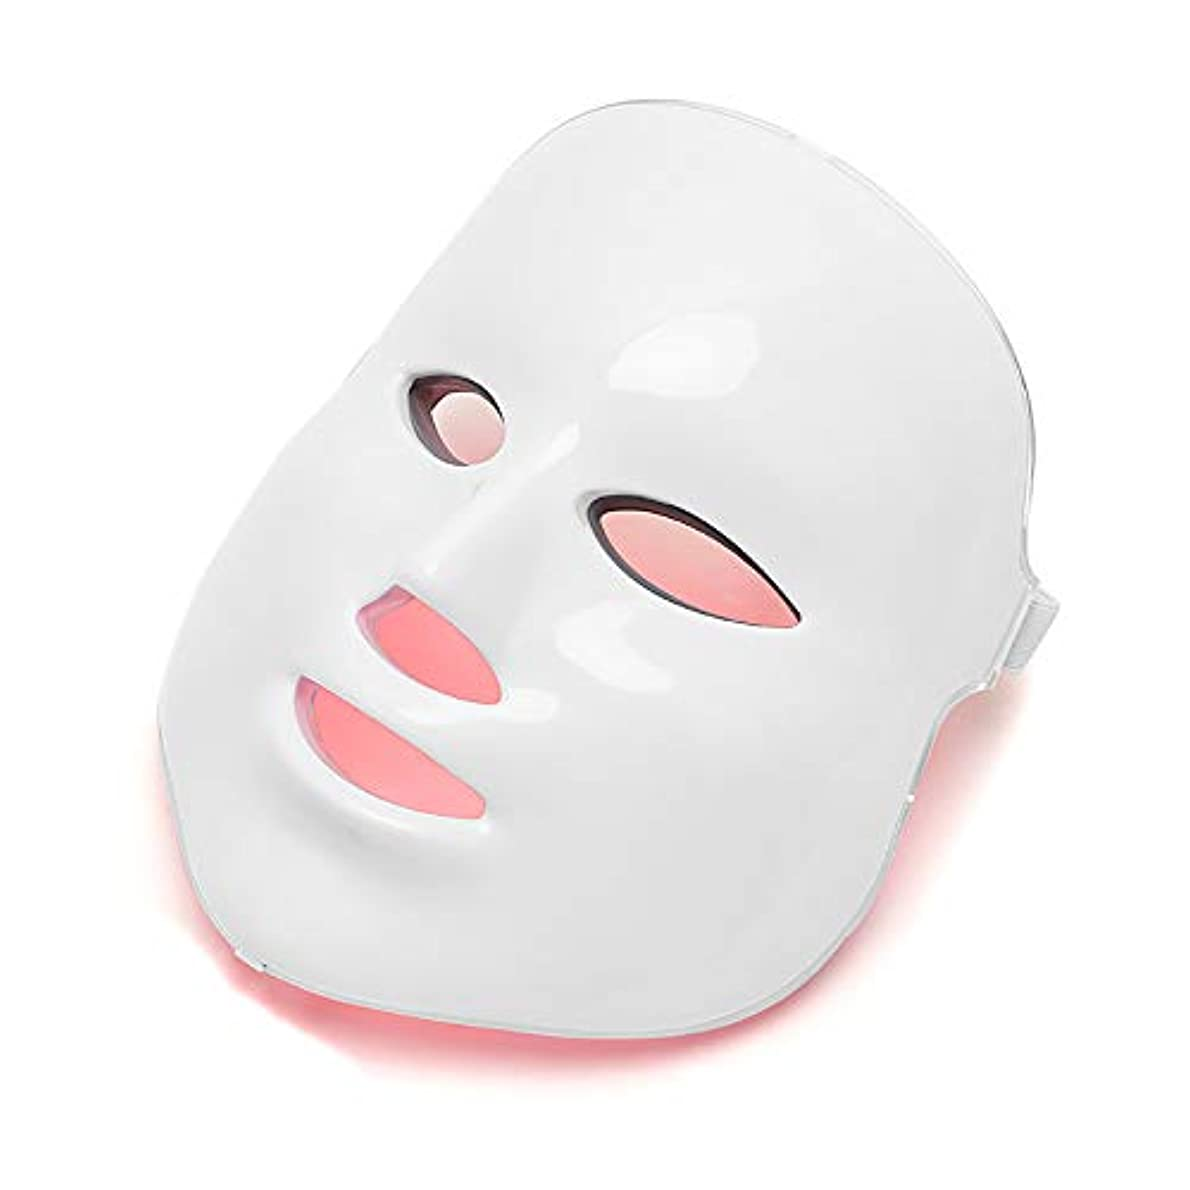 暴露するタバコ揃えるフェイス光線療法フェイシャルスキンケアマスクLED 7色フェイシャルマスク、スキントーニングしわのためのLEDライトは調色、しわにきび治療を締め付け、アンチエイジングを削除します